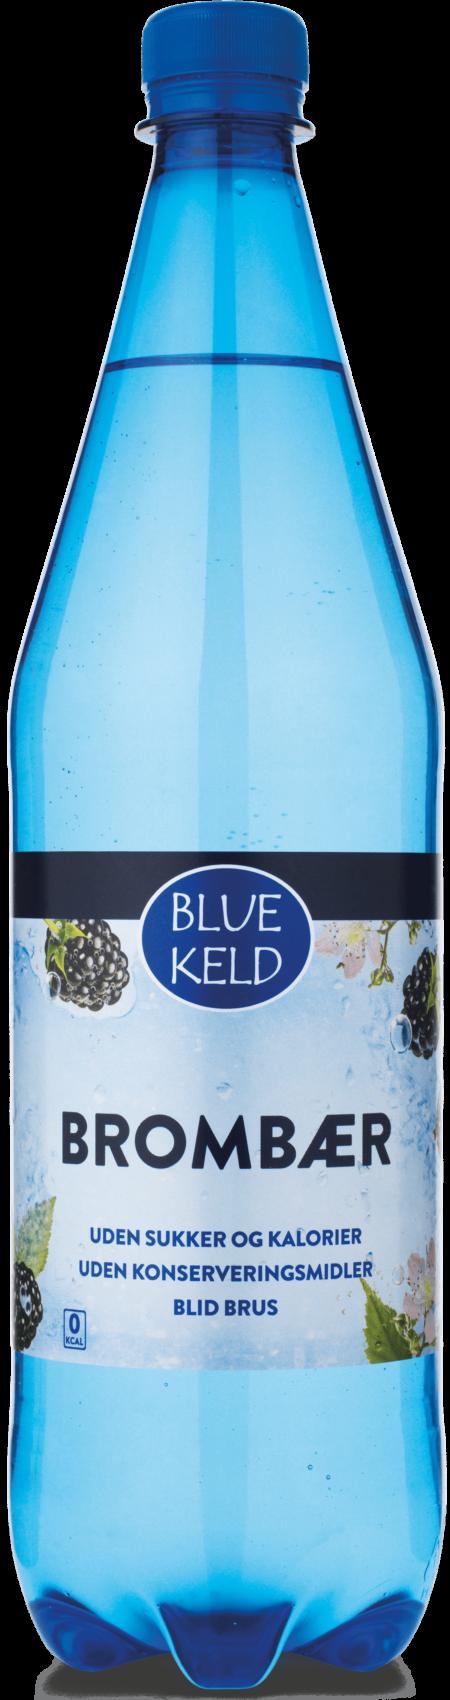 Blue Keld Brombær